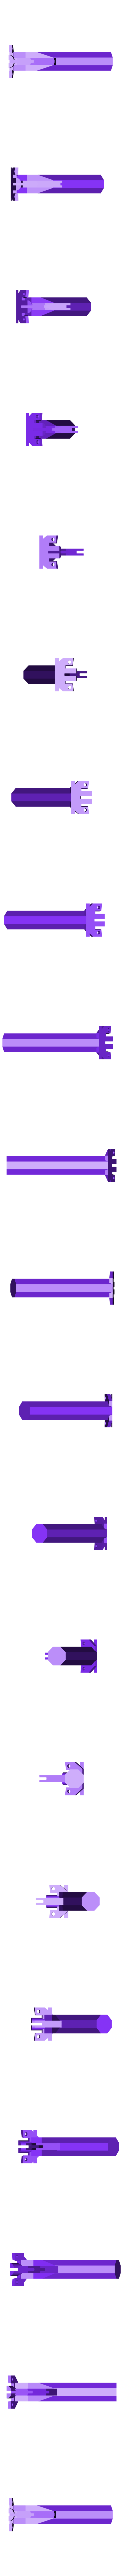 Parabolic_Mic_340mm_Handle.stl Télécharger fichier STL gratuit Microphone parabolique, 340mm • Design imprimable en 3D, Zippityboomba